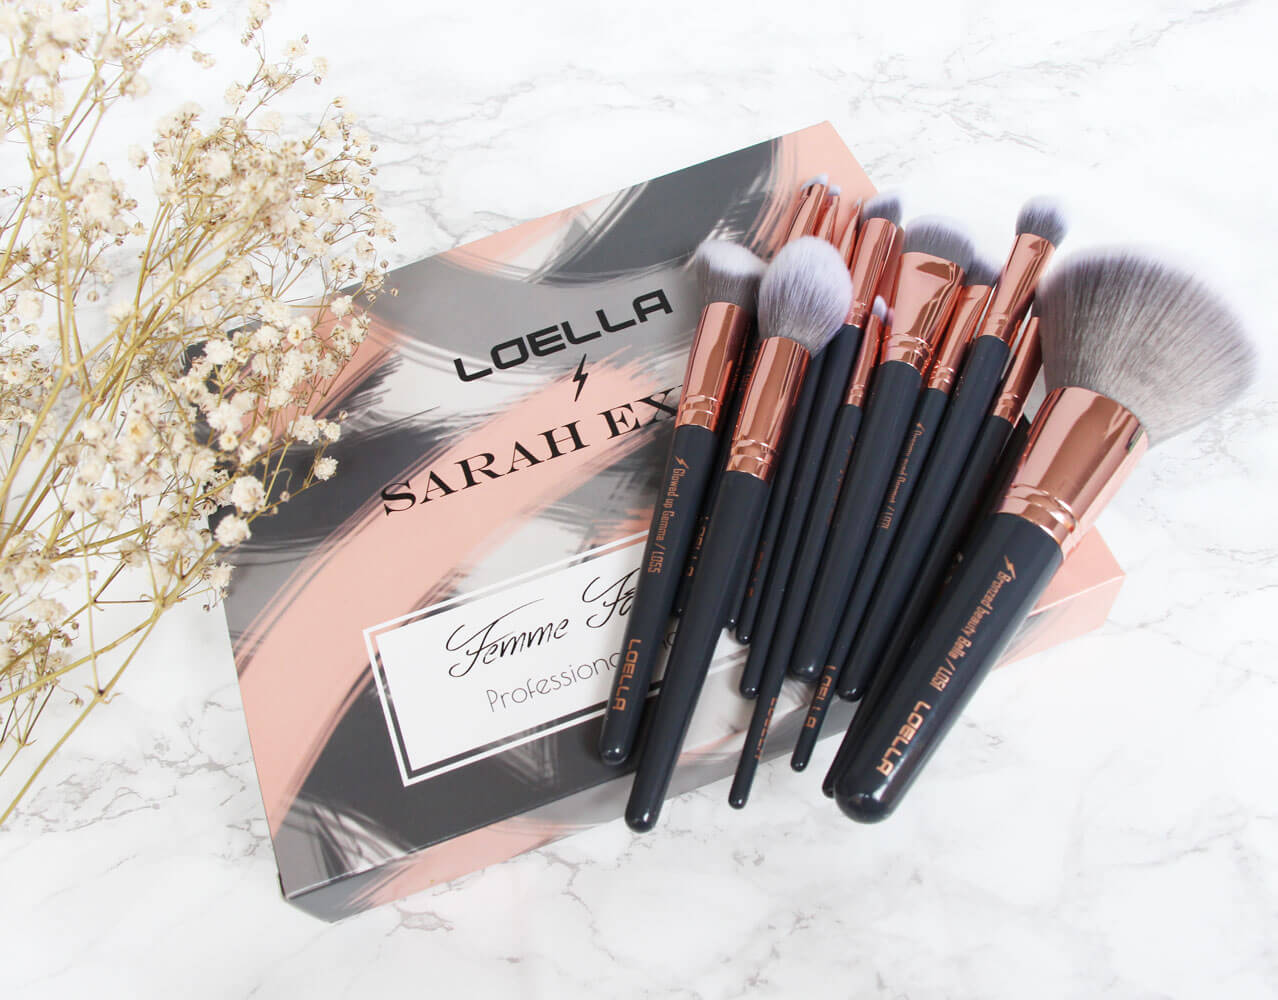 Collezione Femme Fatale di Loella Cosmetics